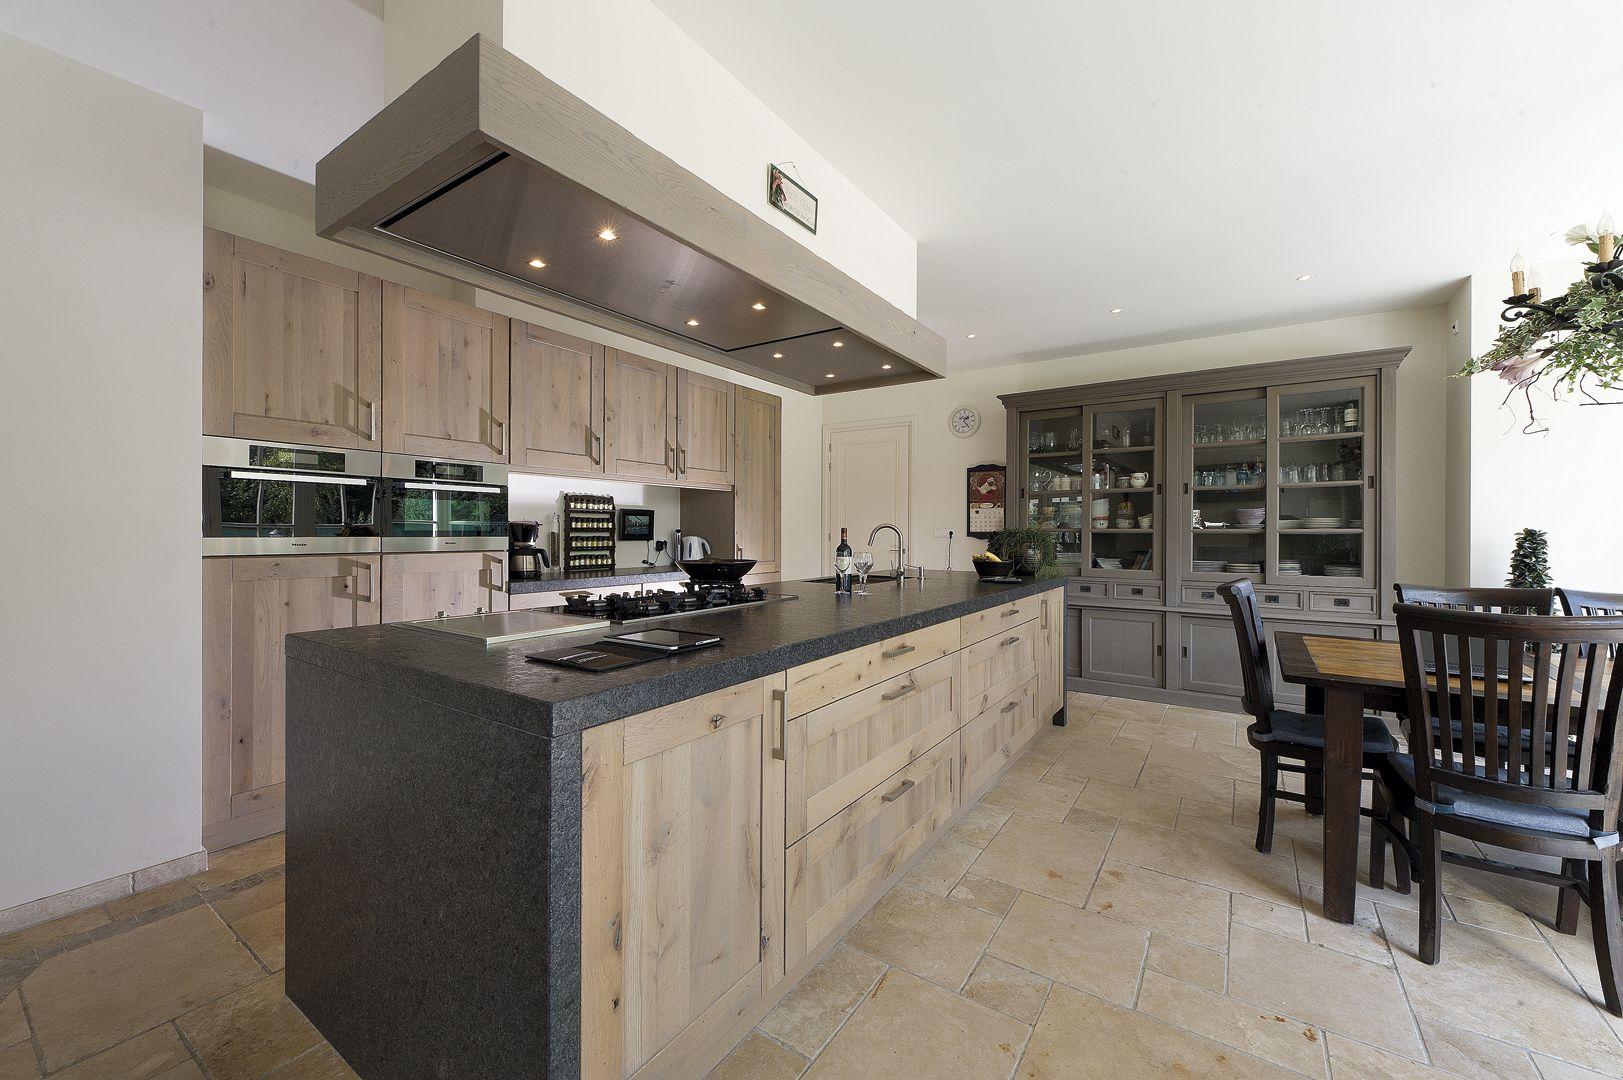 Kookeiland Keuken Houten : Robuuste houten keuken met kookeiland. deze robuuste houten keuken